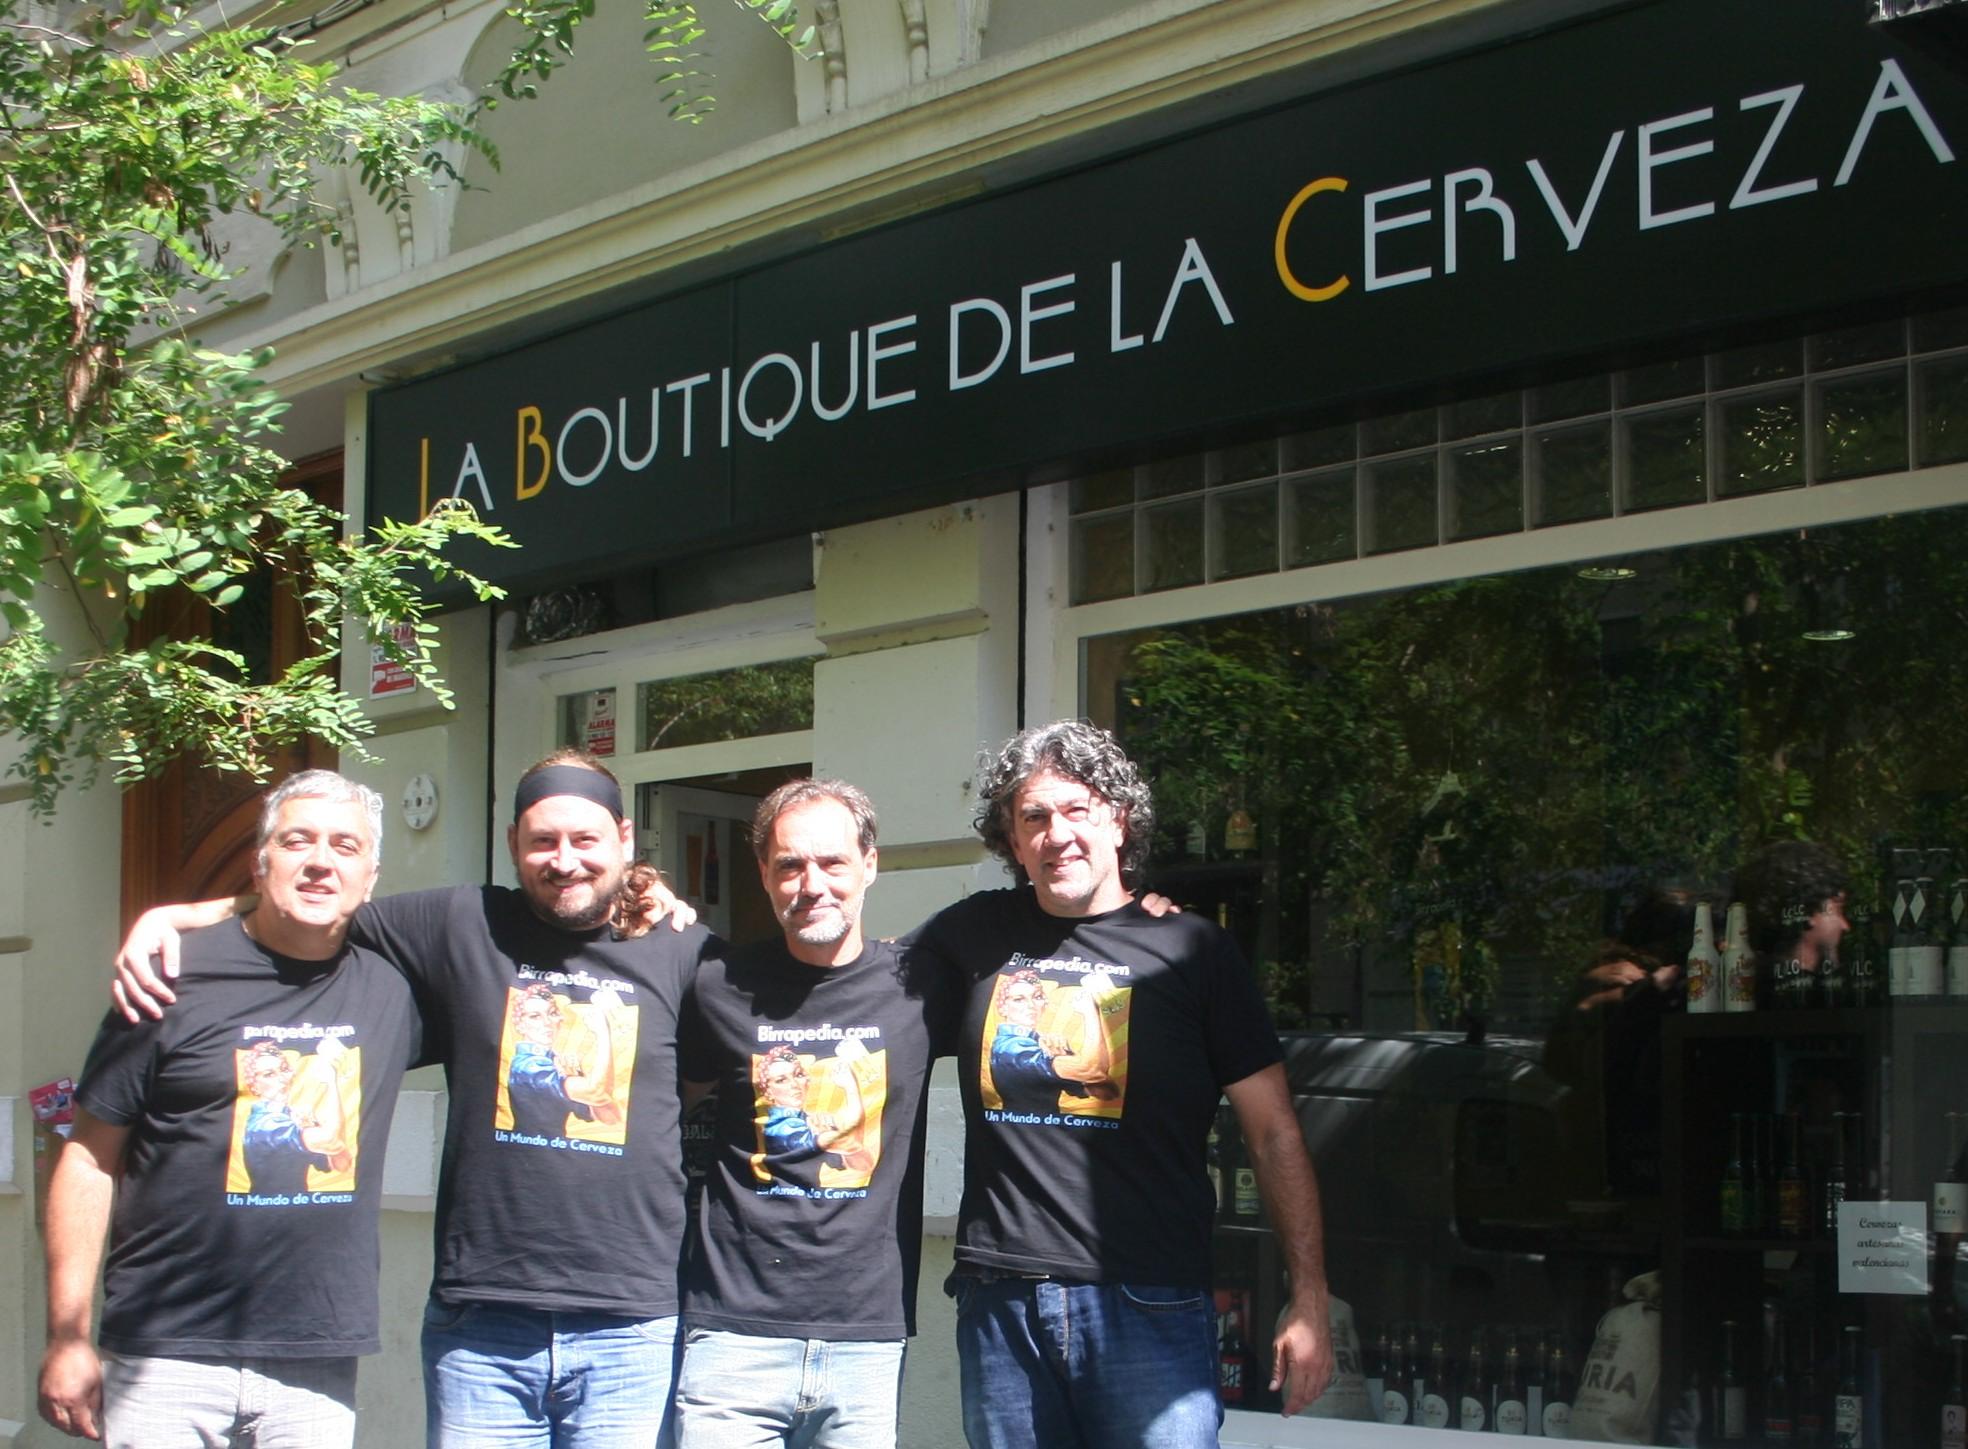 El equipo Boutique-Birrapedia-Estucerveza